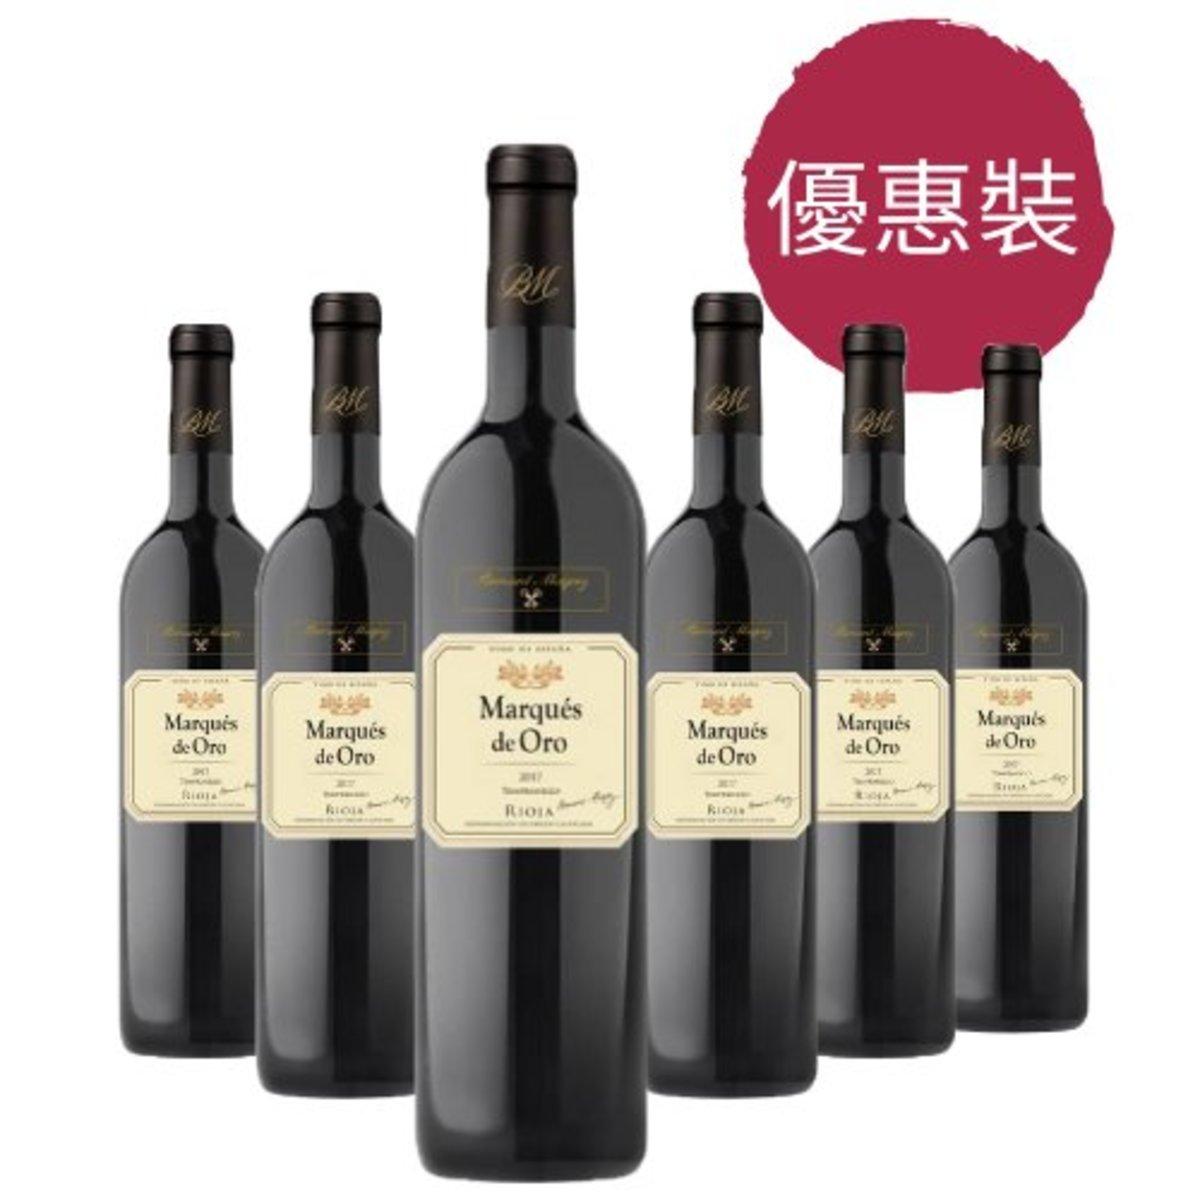 Marques de Oro 2017 x 6 (6 Bottles Pack)